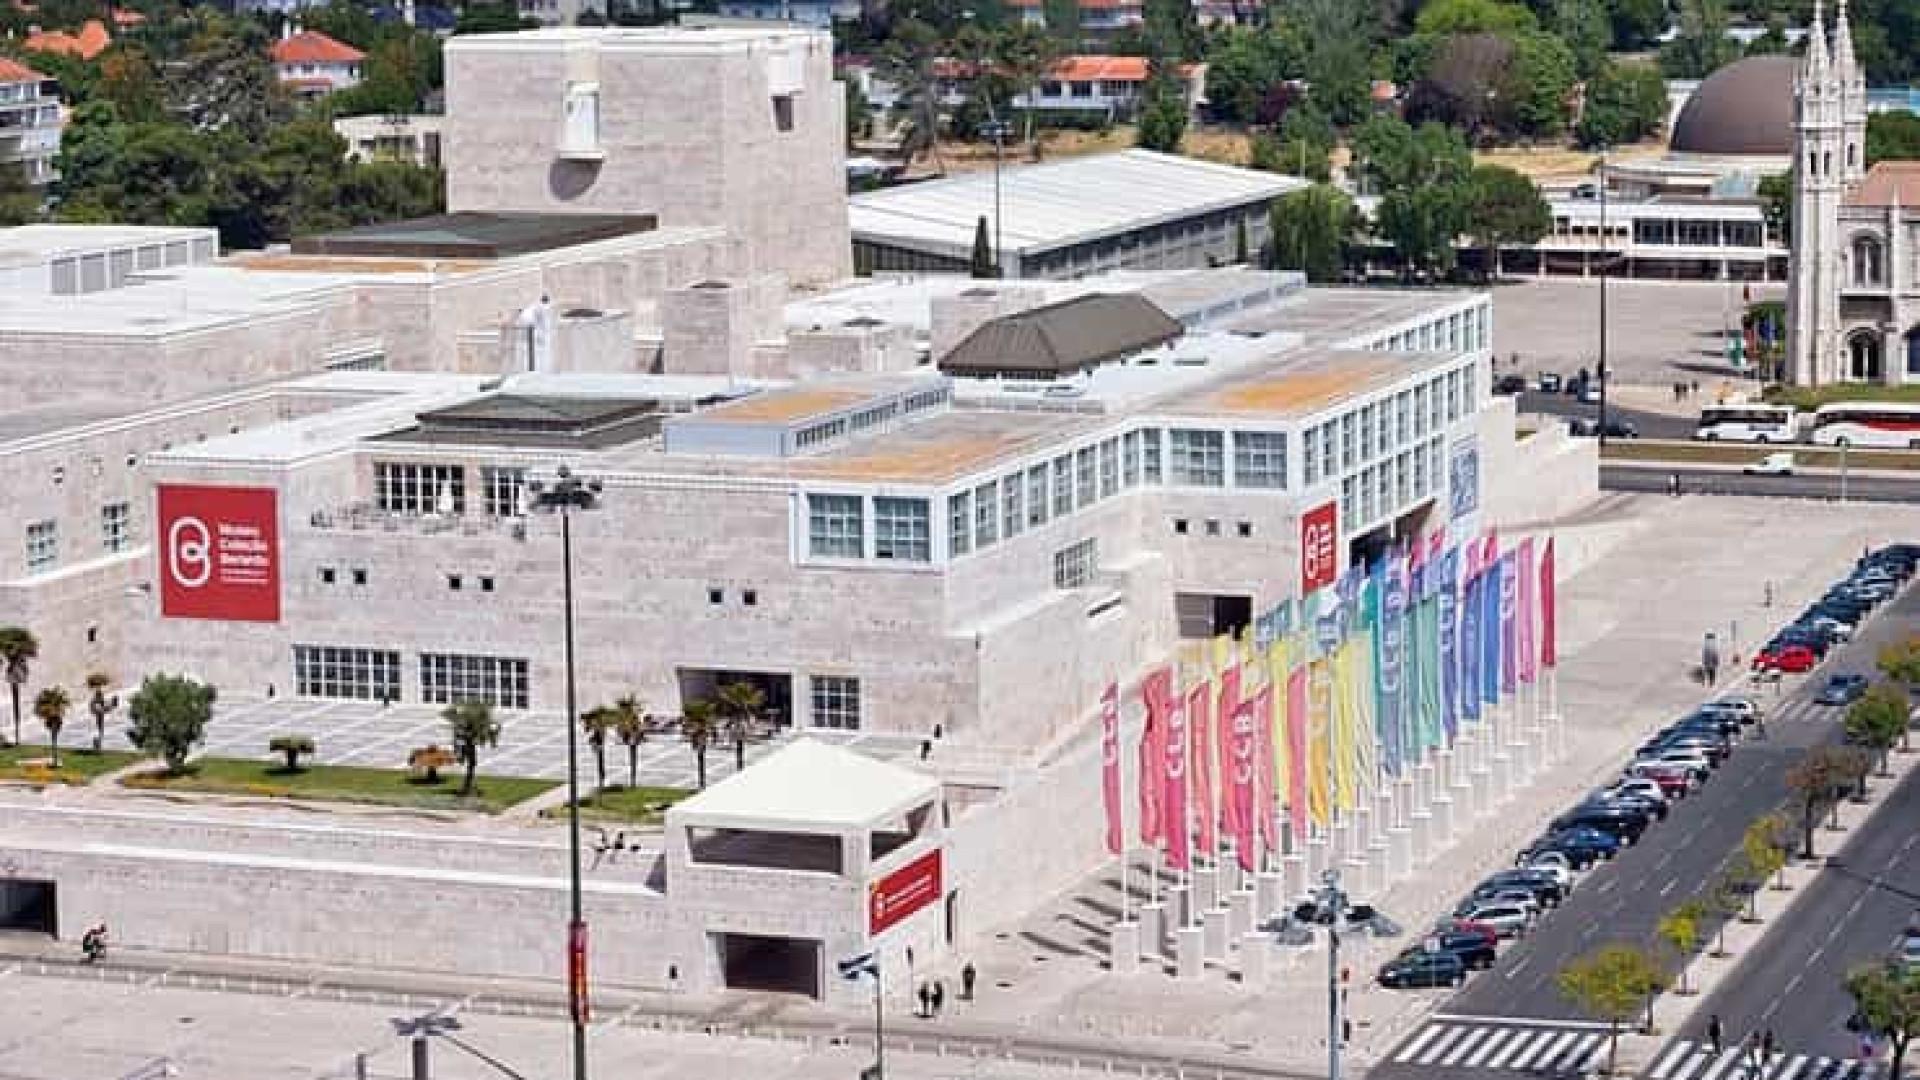 Museu mais frequentado de Portugal pode perder obras por dívidas